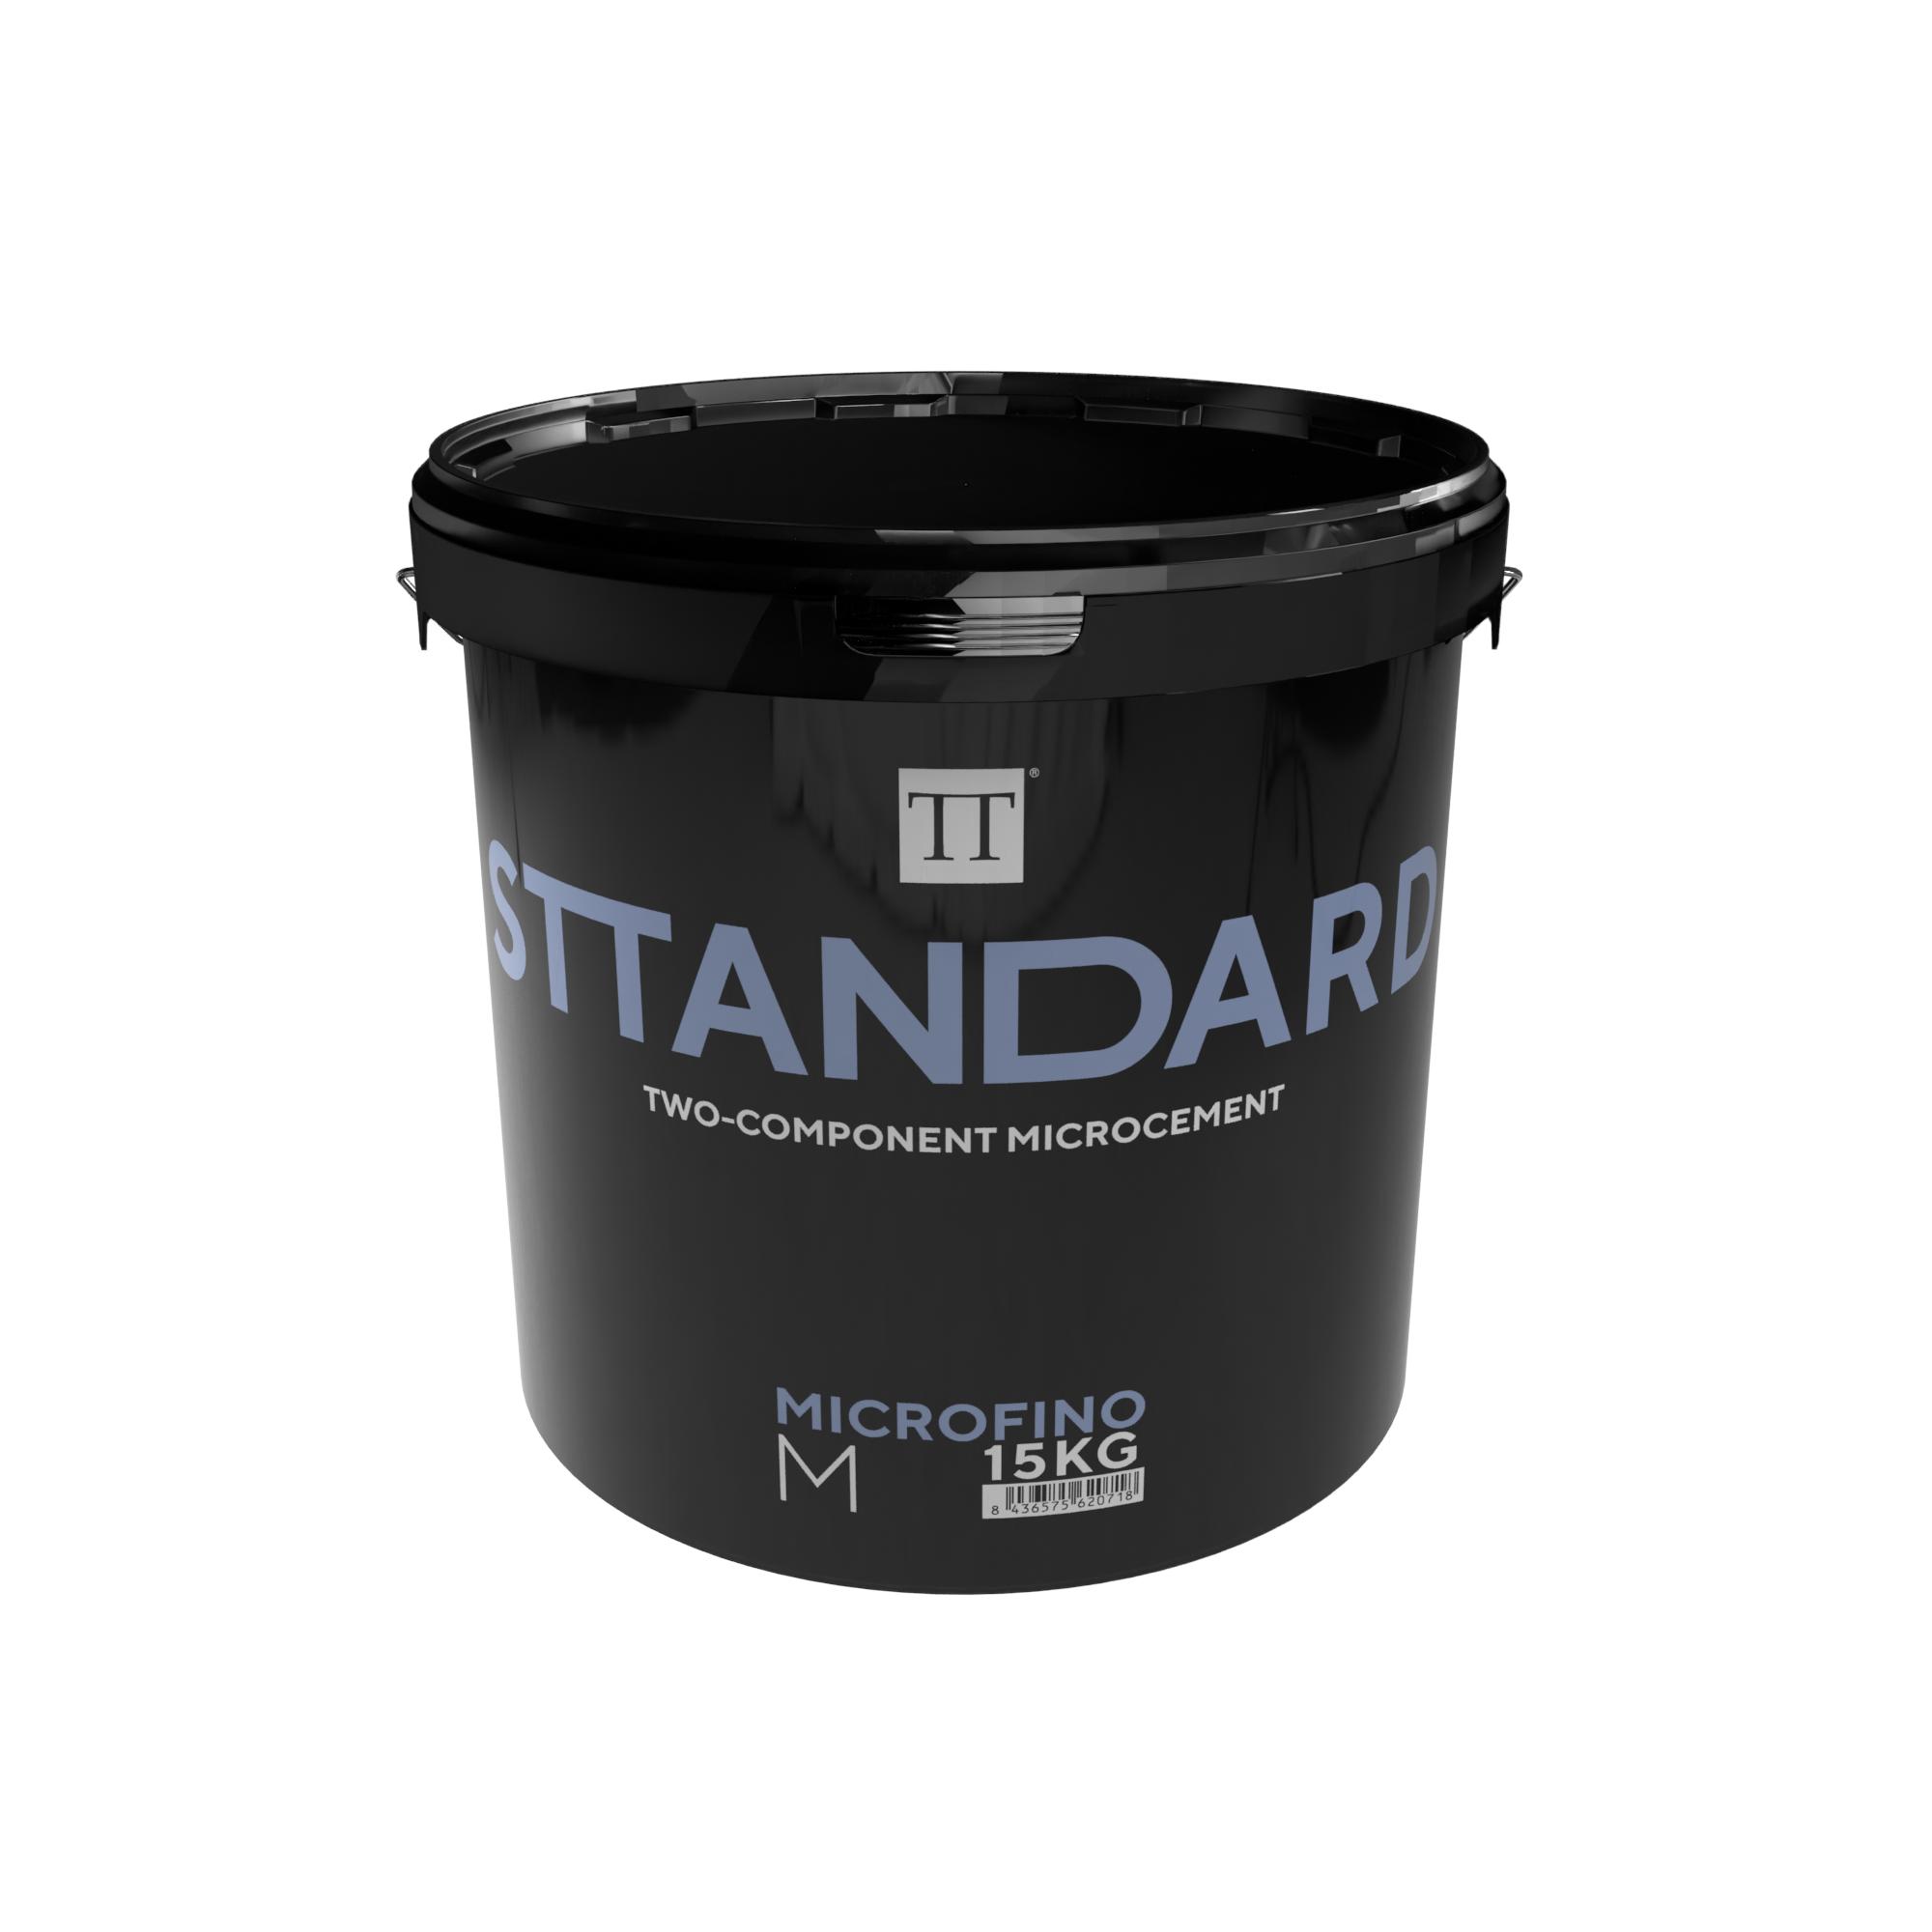 Sttandard Microfino M